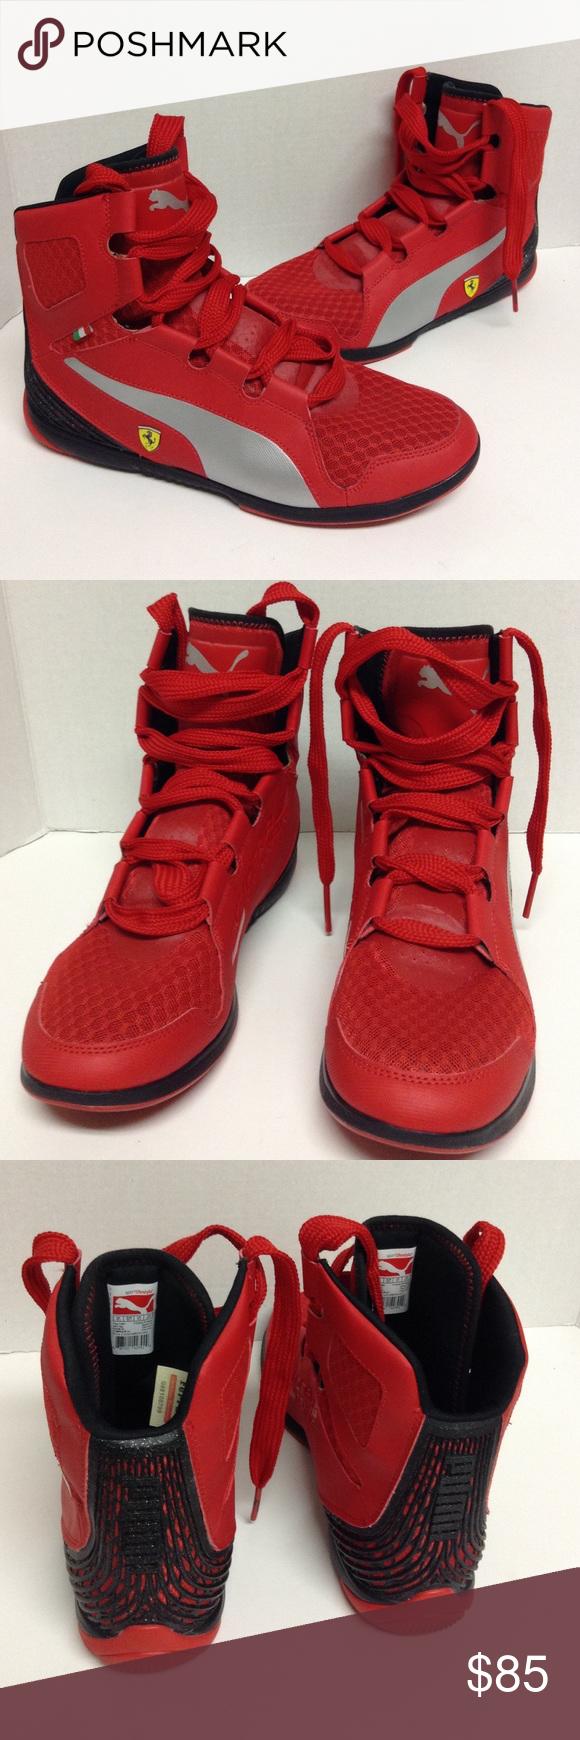 PUMA VALOROSSO MID SF WEBCAGE FERRARI SNEAKERS Ferrari Valorosso WebCage  Mid Sneakers Sz9 1 2 ef2ab849e